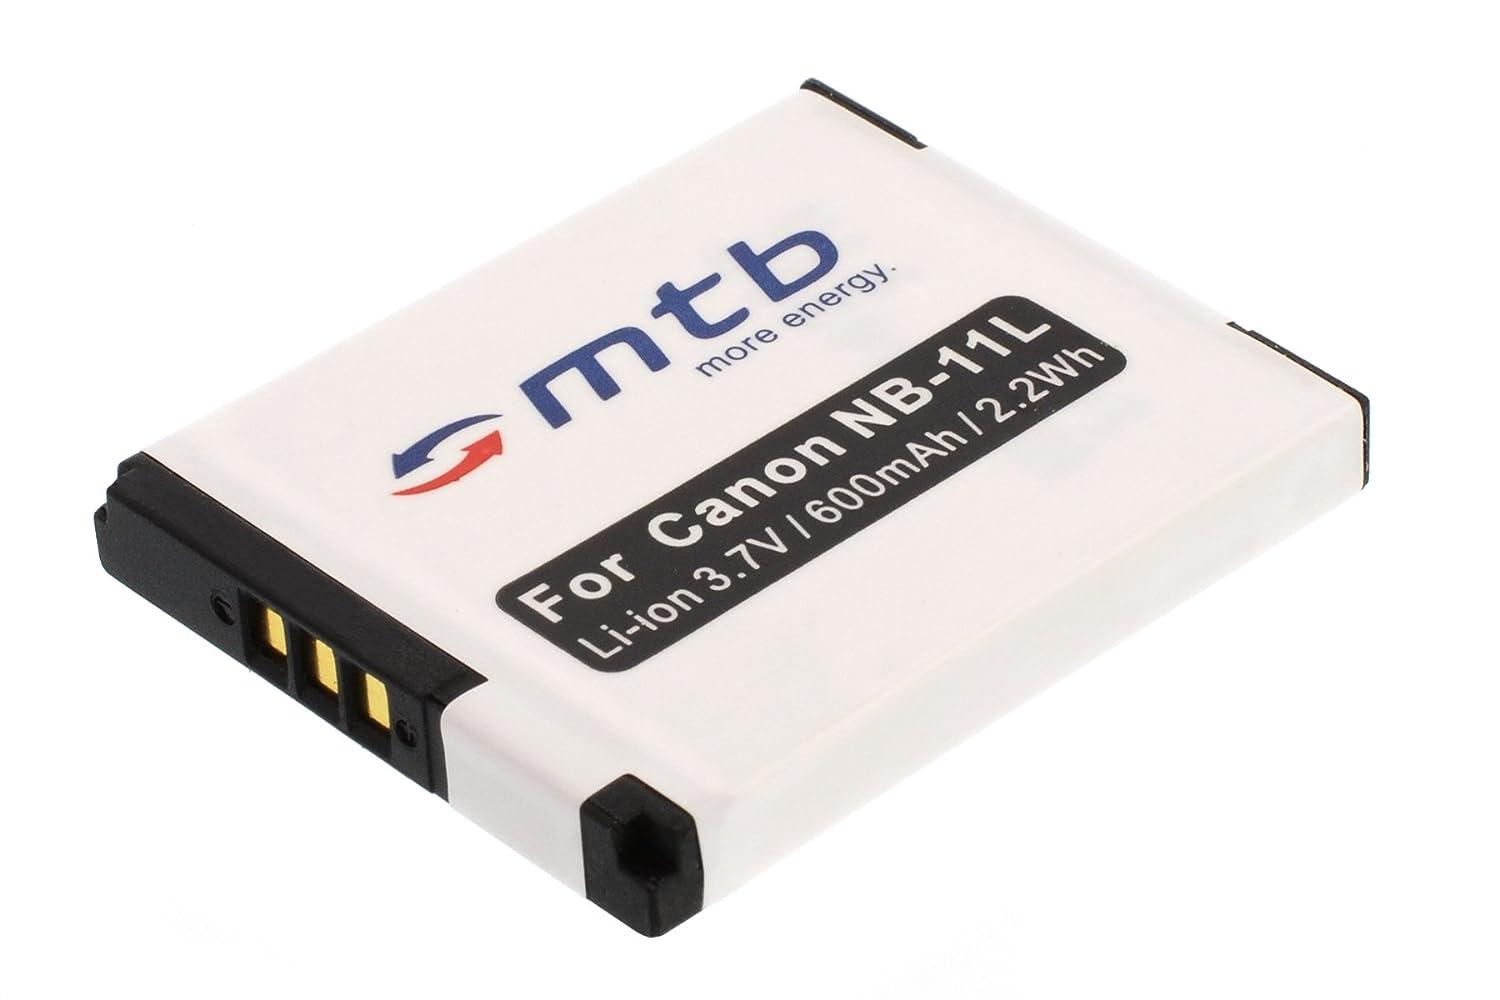 Double Chargeur 2 Batteries USB NB-11L NB-11LH pour Ixus 125 HS, 240 HS, 265 HS.. Powershot A3500 IS, SX400 IS ..voir liste v. liste!